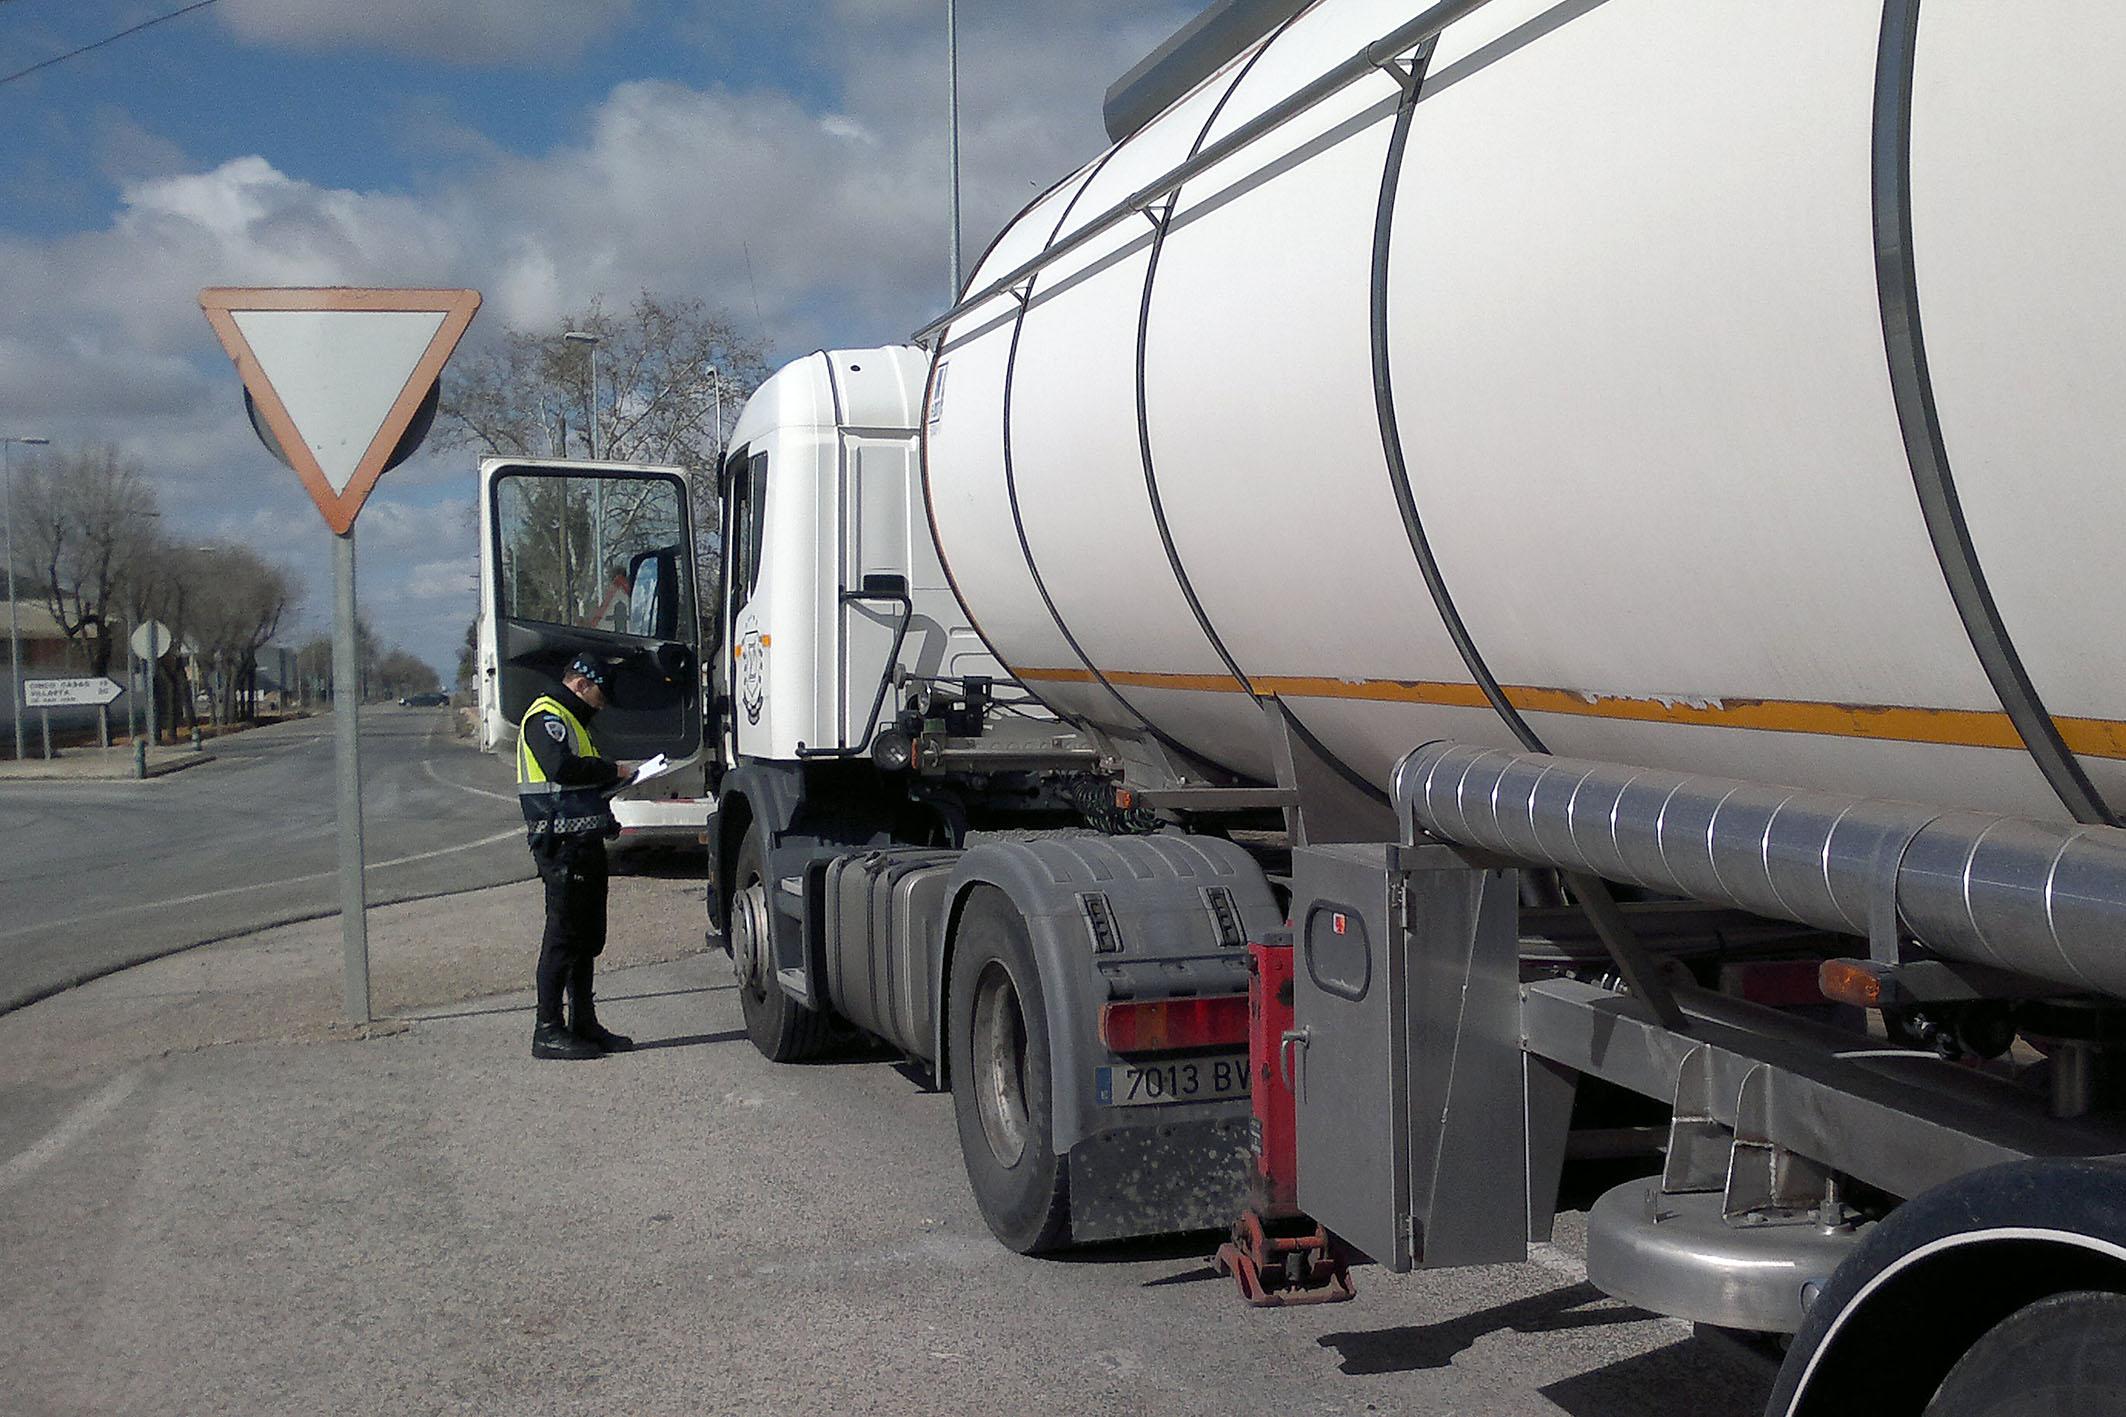 La Policía Local de Argamasilla de Alba participará en la campaña nacional de vigilancia y control de camiones y furgonetas